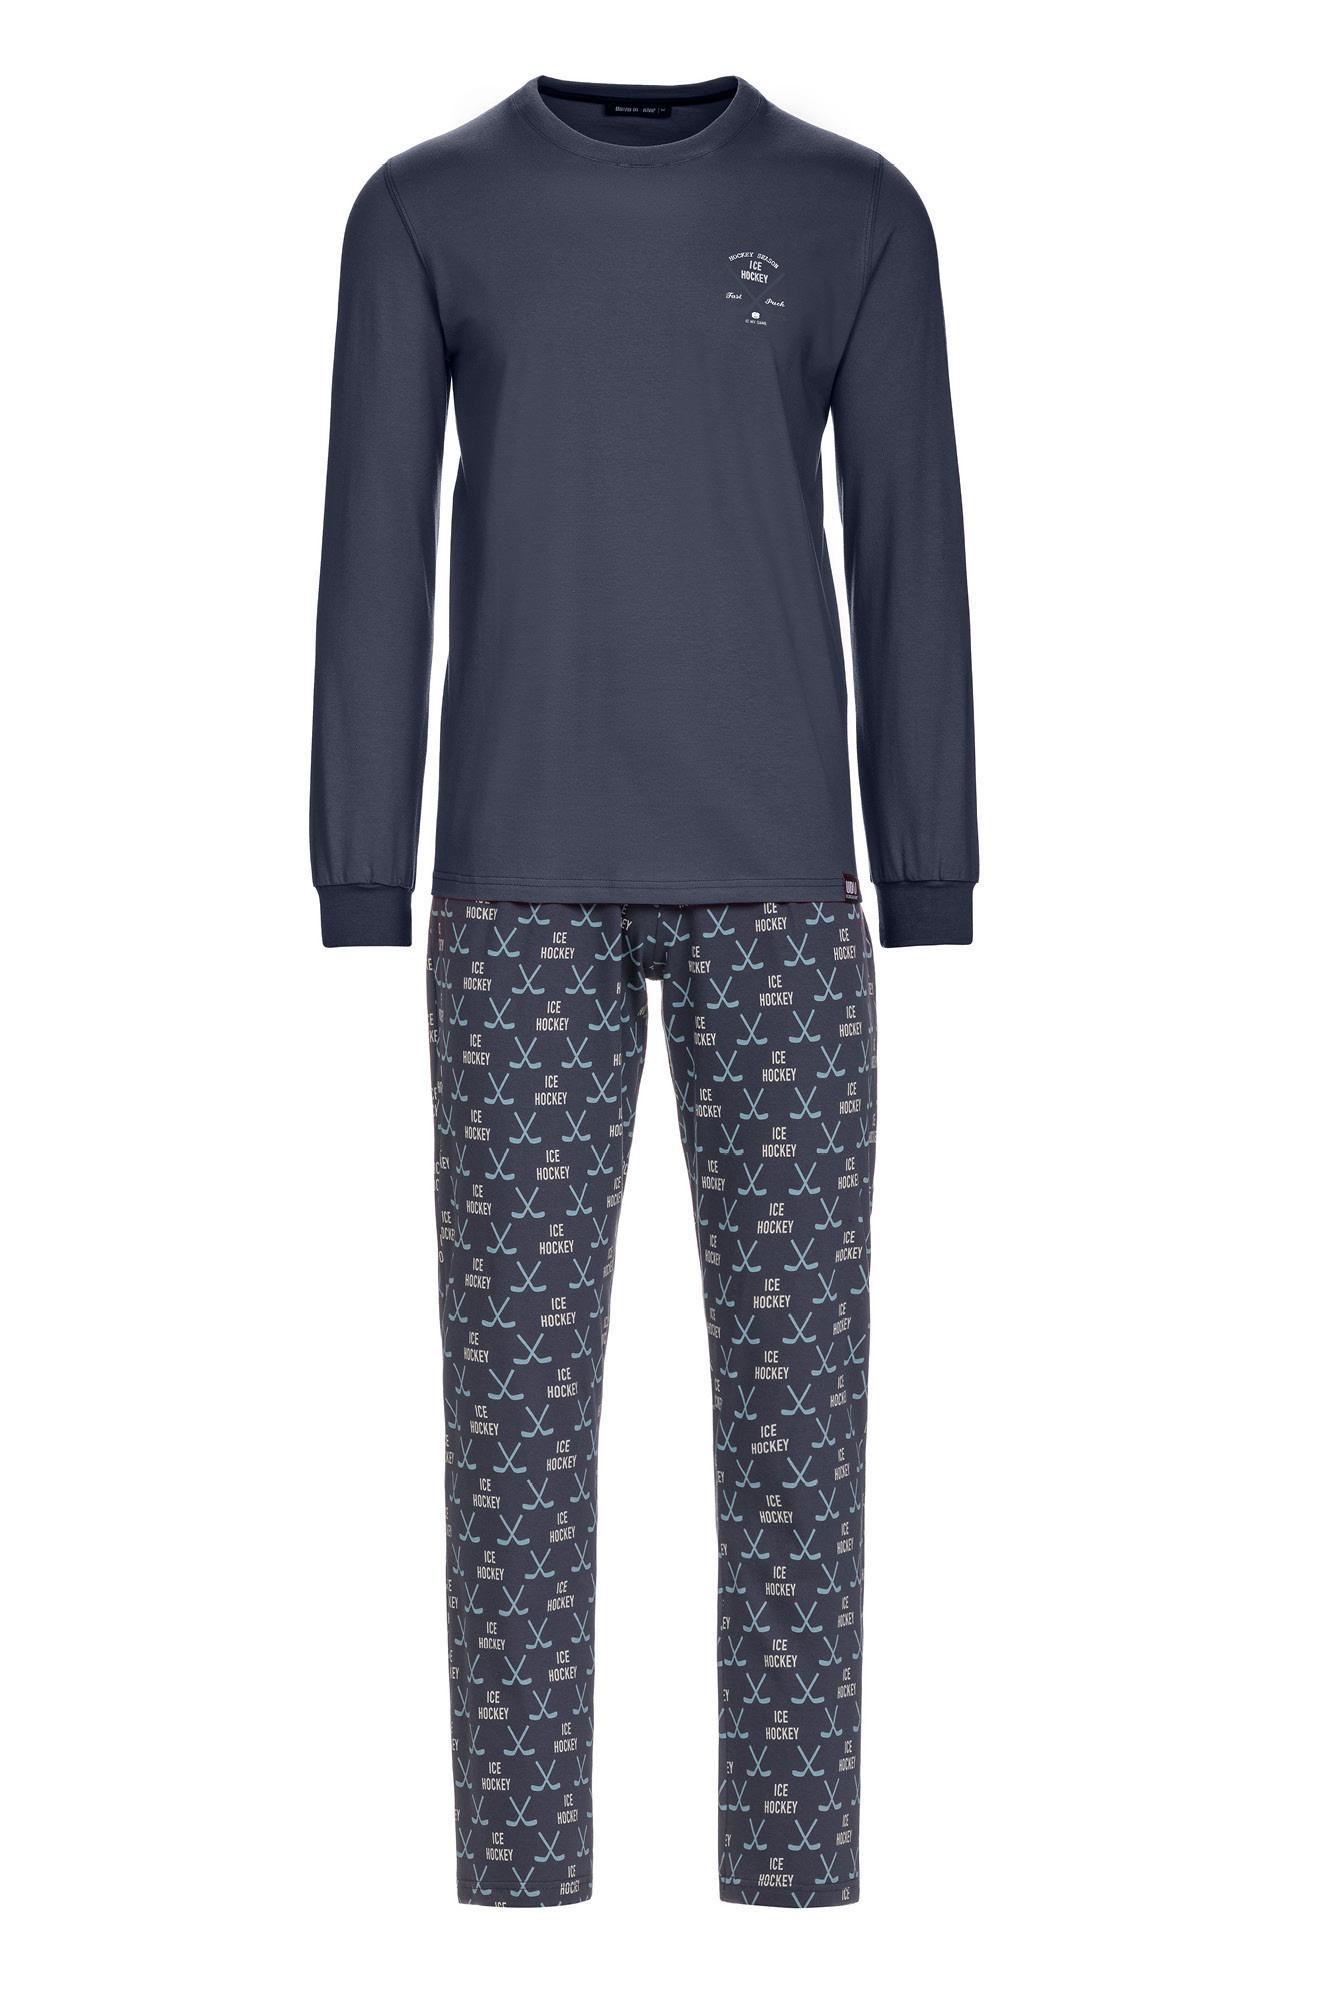 Vamp - Pánske pyžamo 13690 - Vamp gray ombre xxl